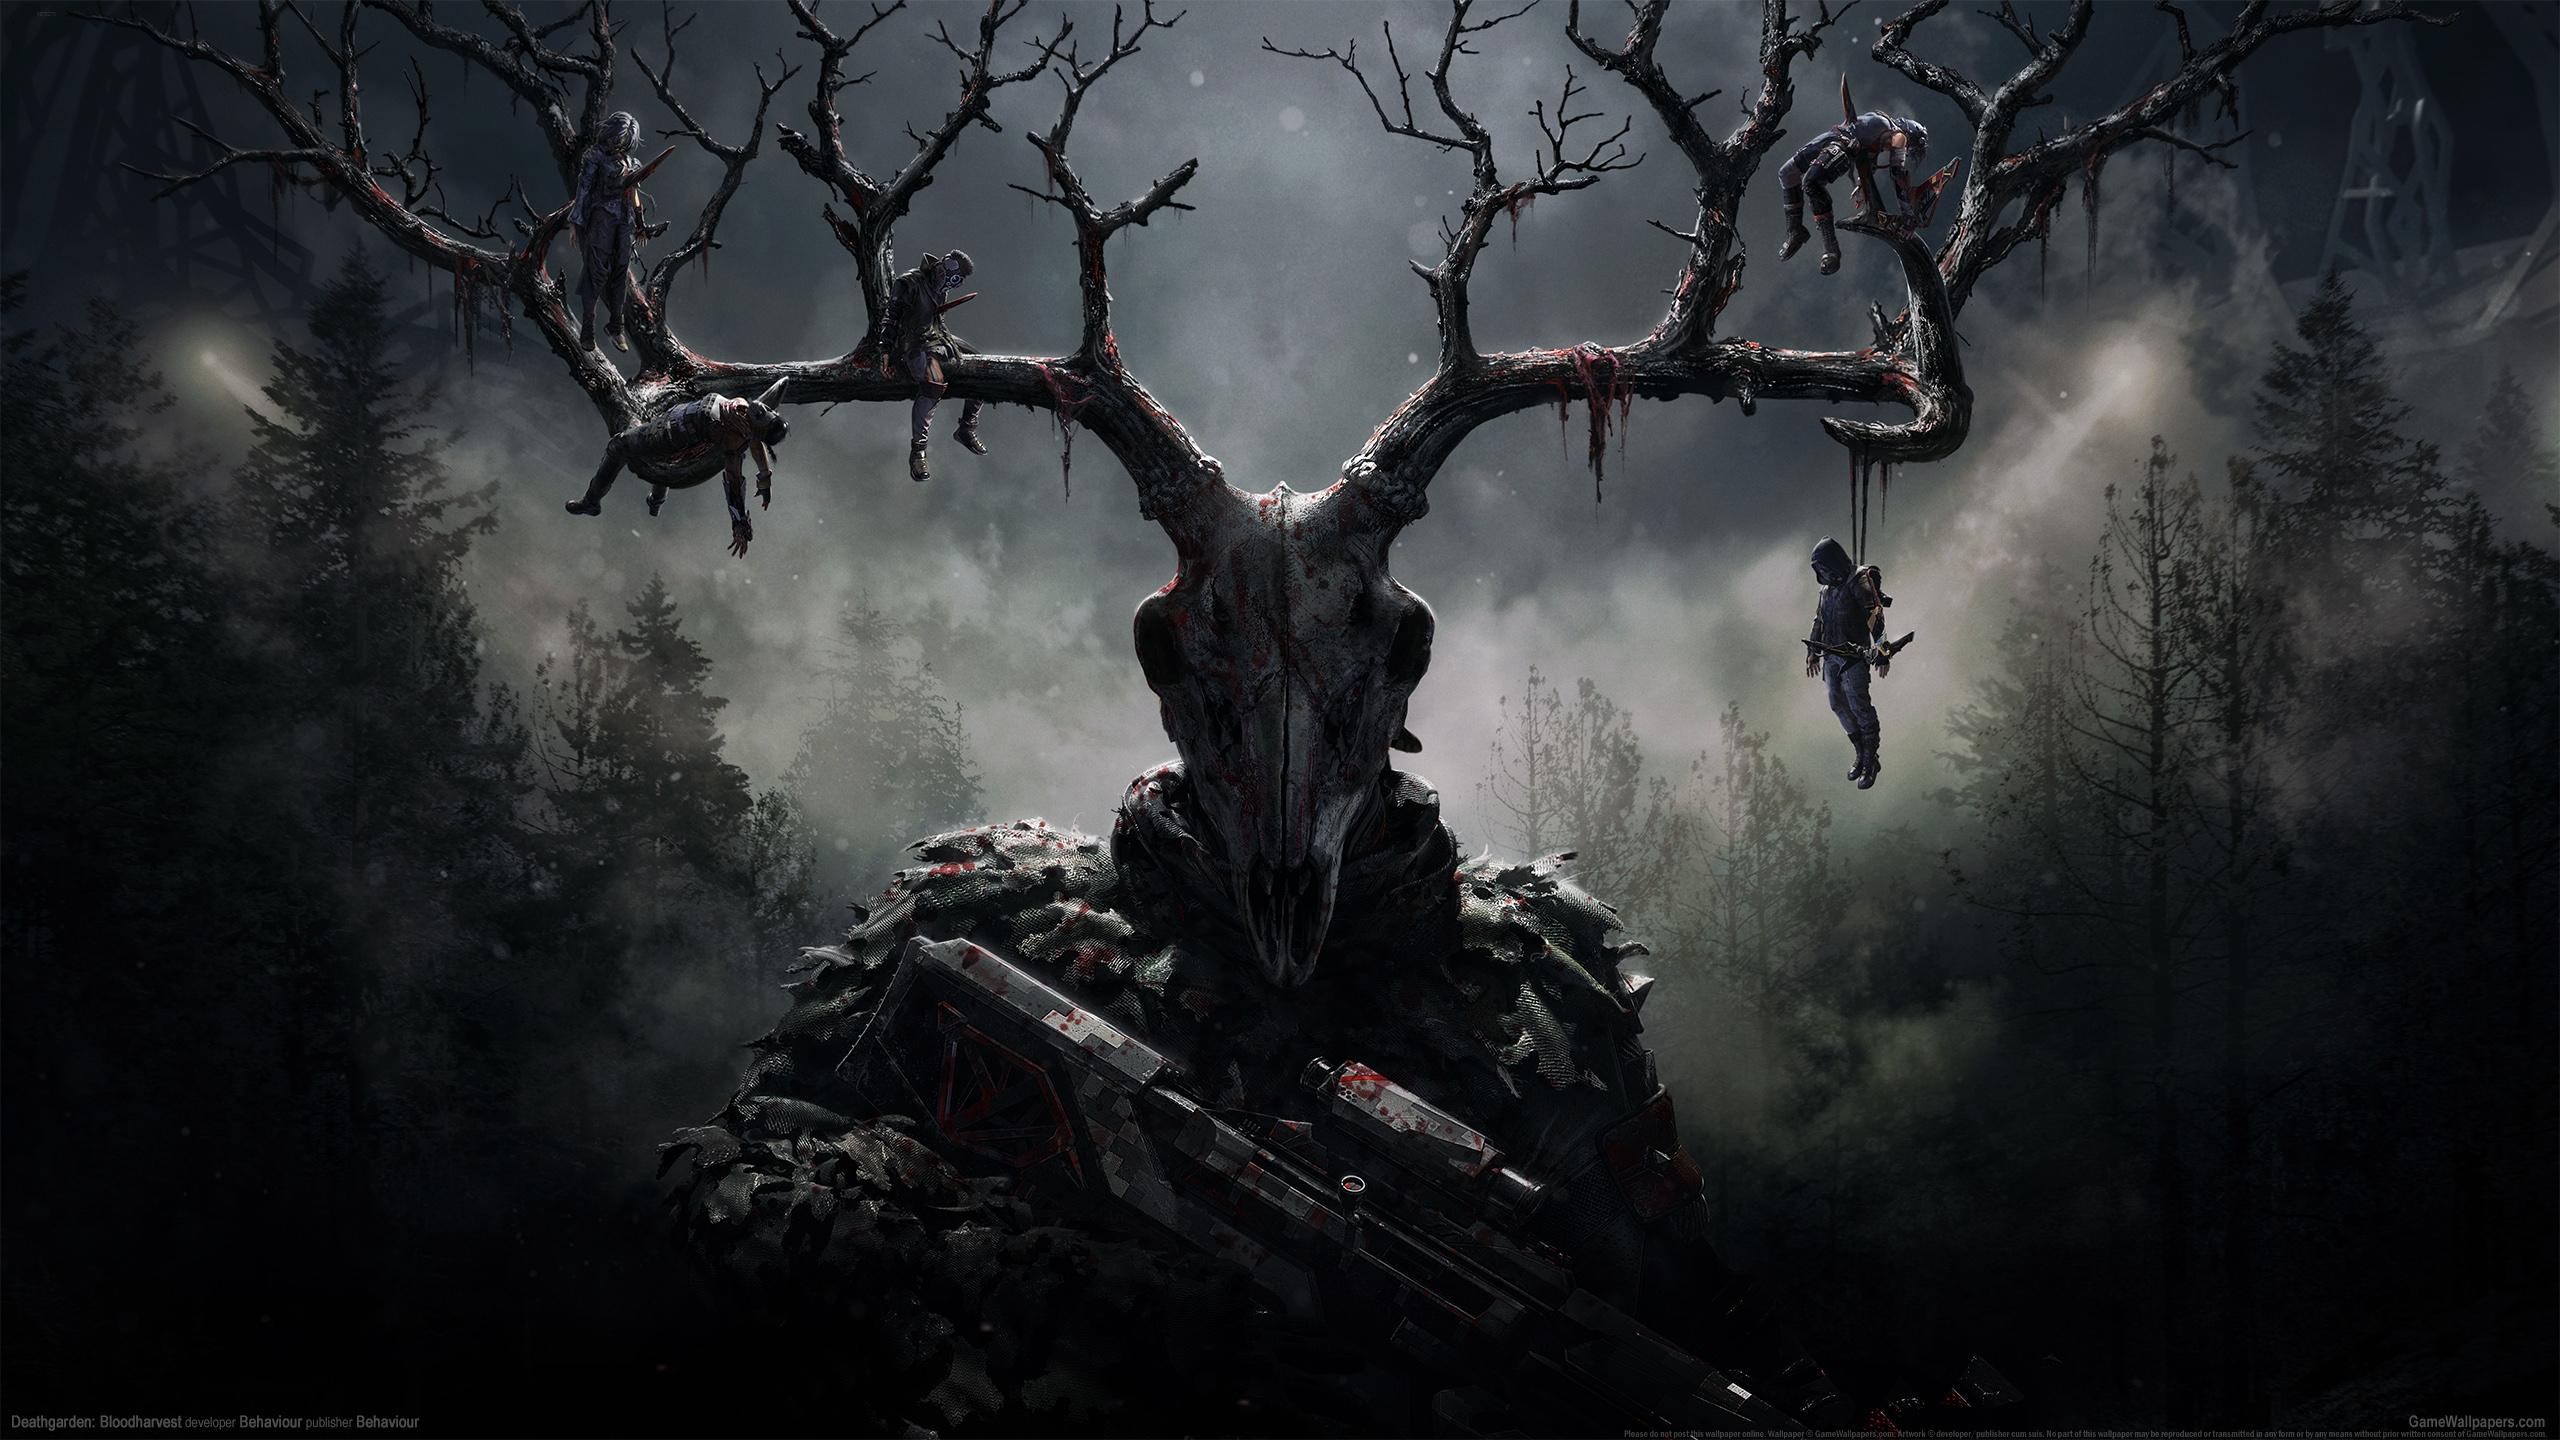 Deathgarden: Bloodharvest 2560x1440 achtergrond 01